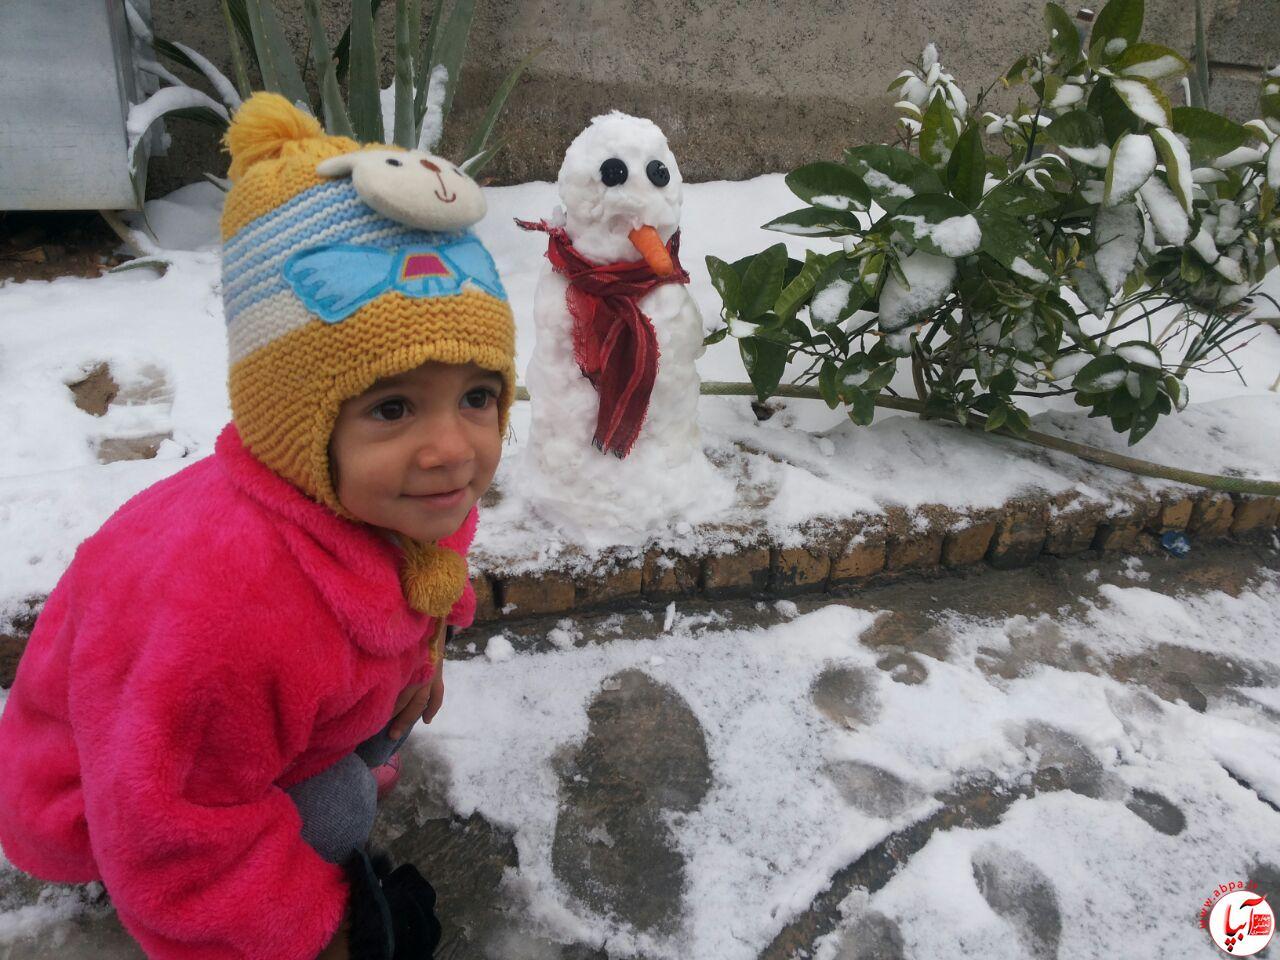 فرنوش-شهابی گالری عکس زمستانه ی کودک آبپا